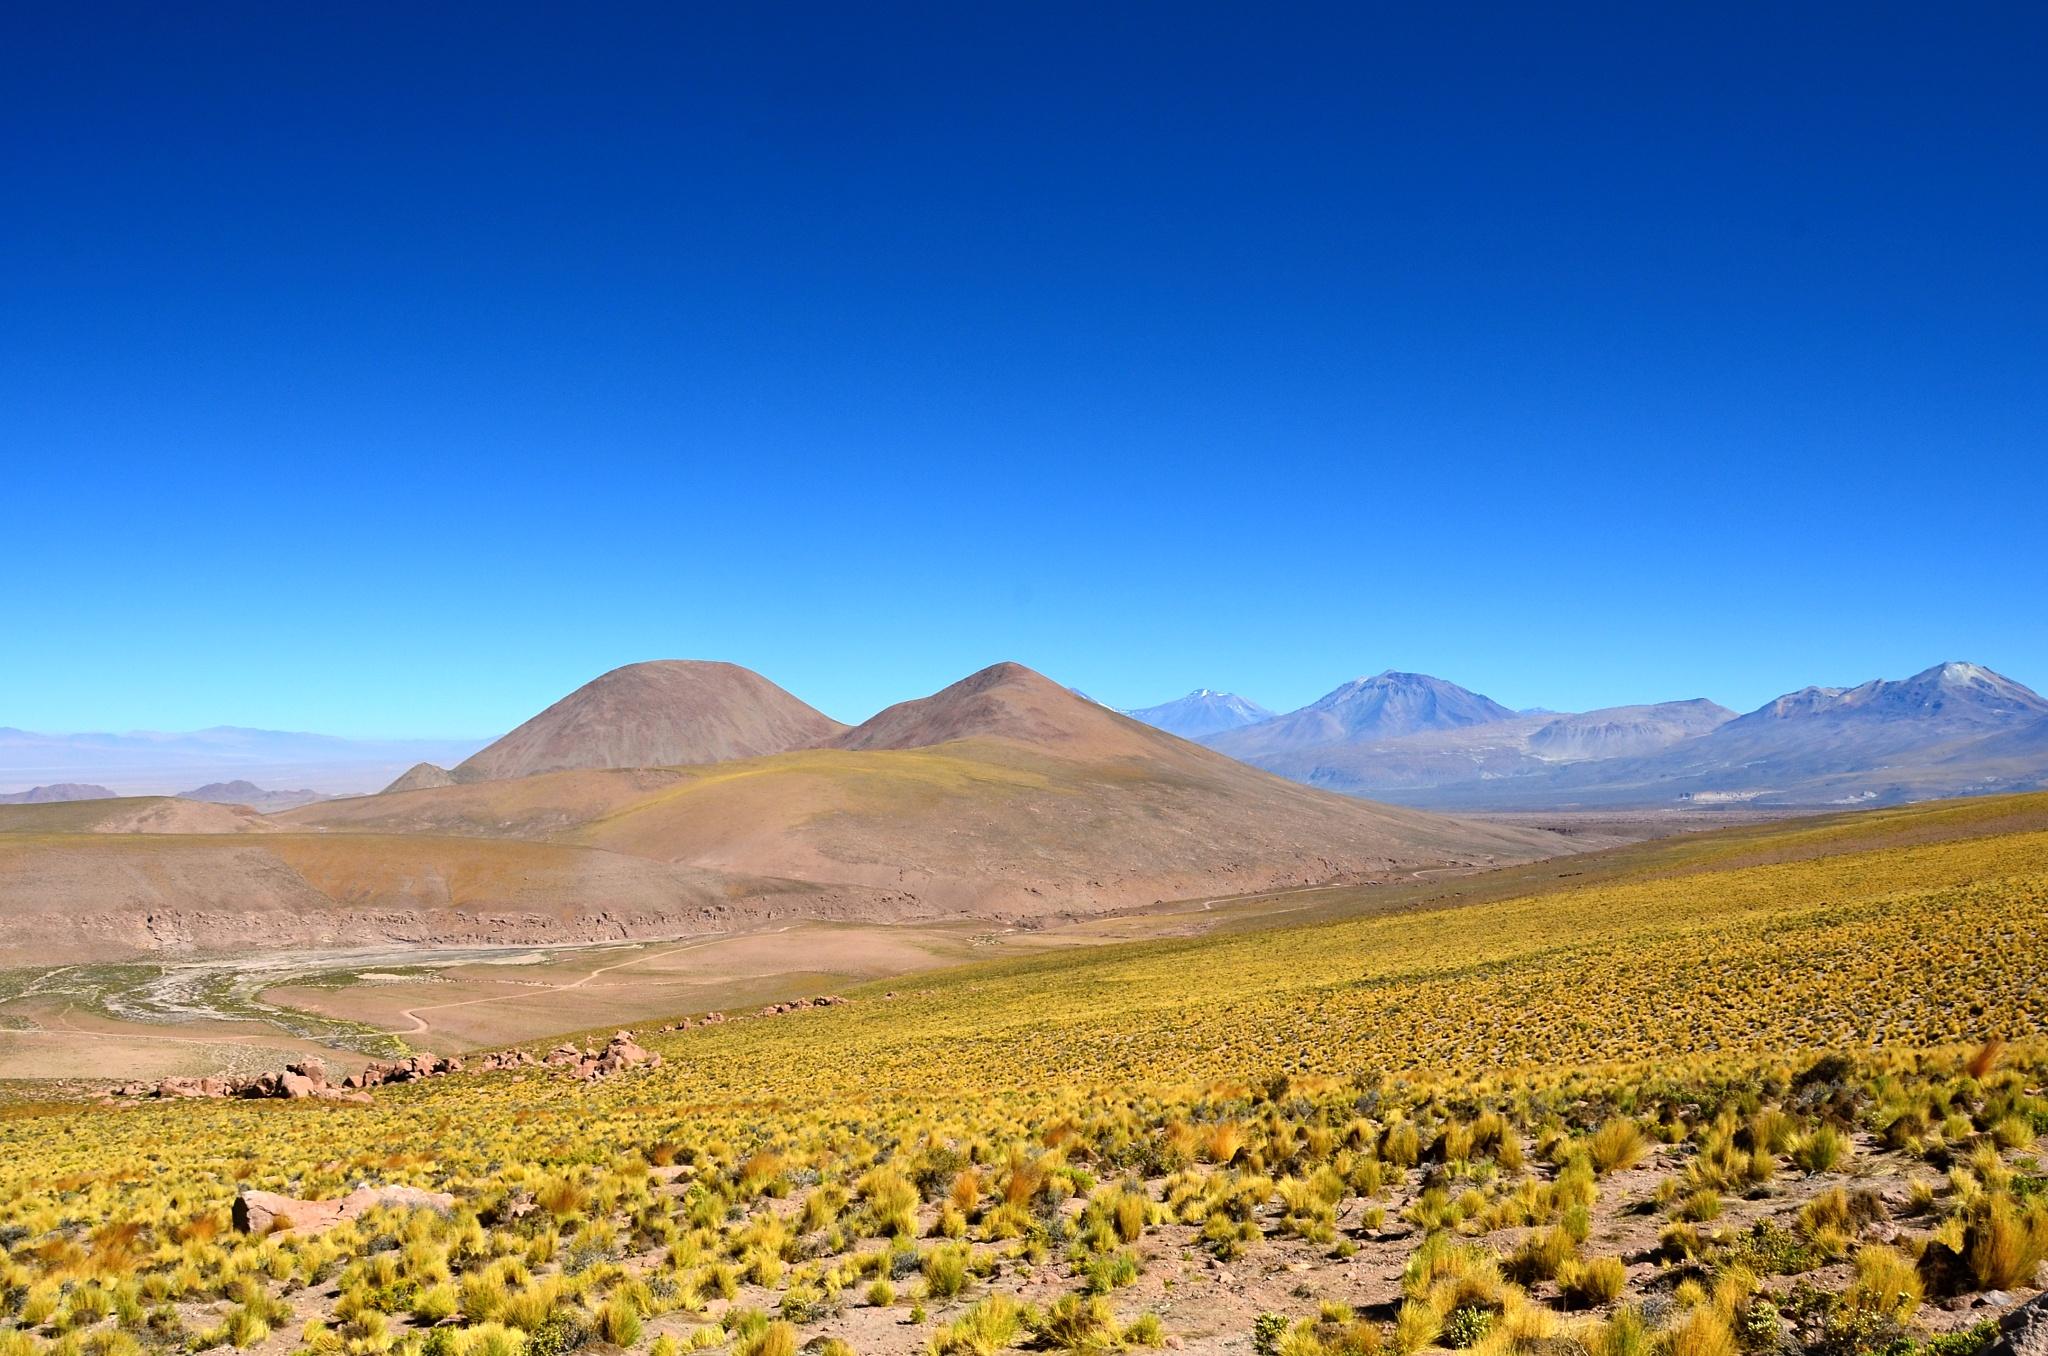 Překrásná kombinace hnědých hor, žluté trávy a modré oblohy